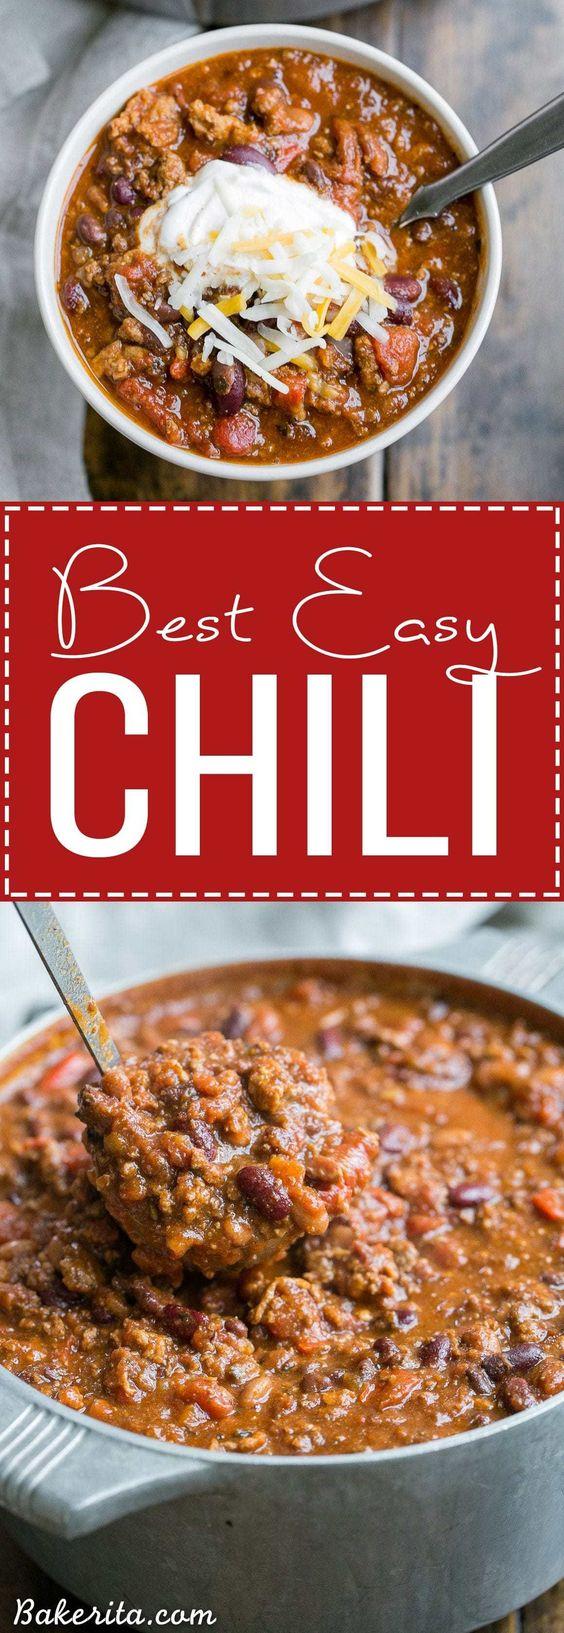 My Best Chili